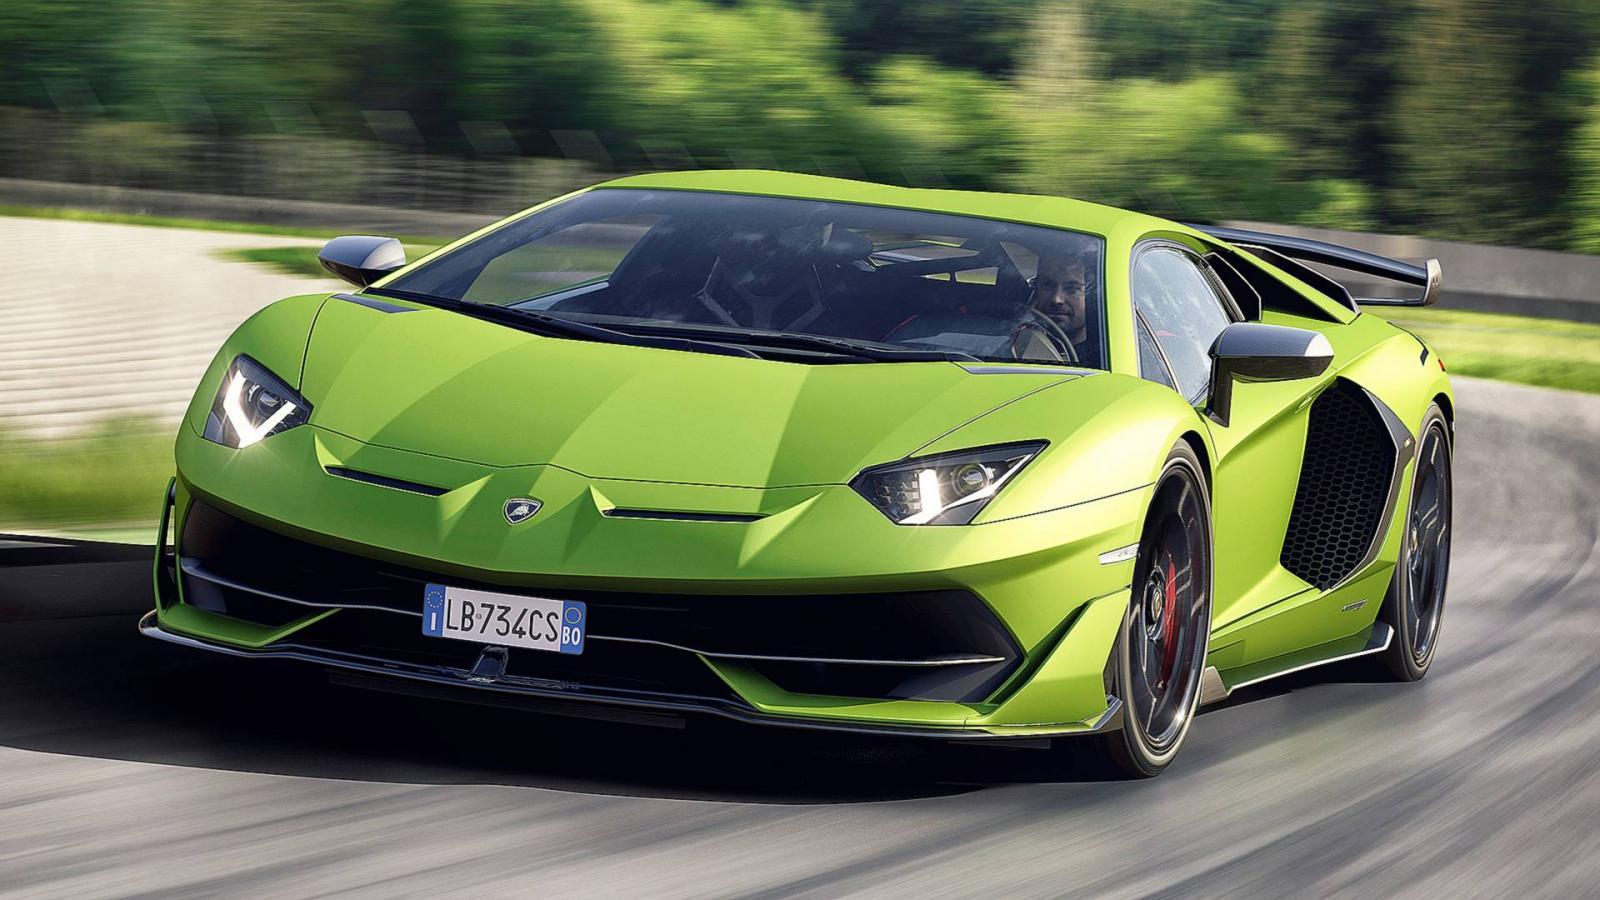 Дизайн сверхмощного суперкара Lamborghini Aventador SVJ рассекречен вглобальной паутине